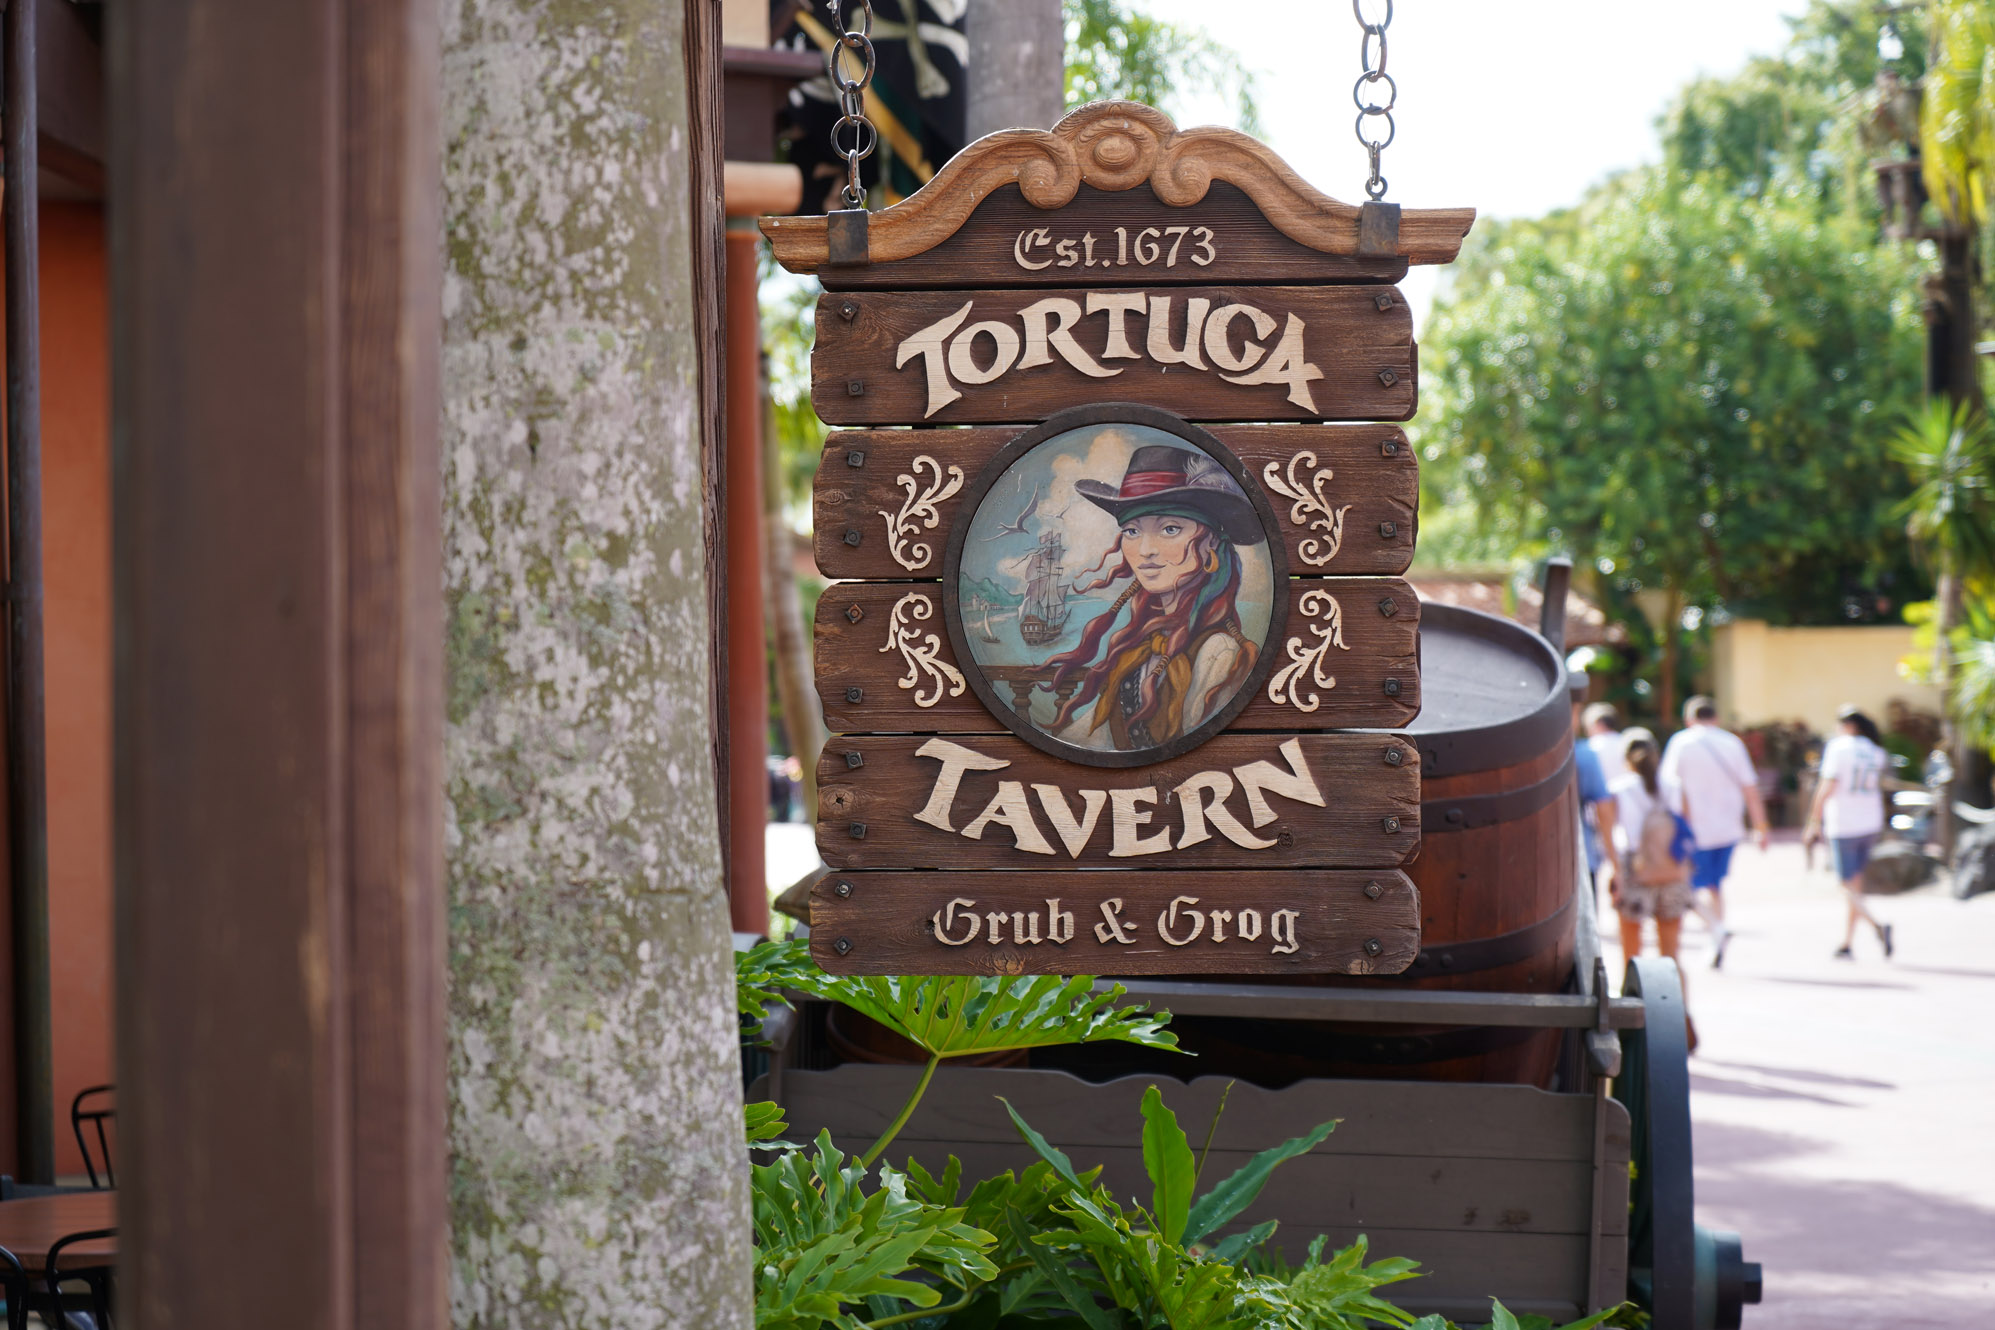 Disneyland vs Disney World restaurants